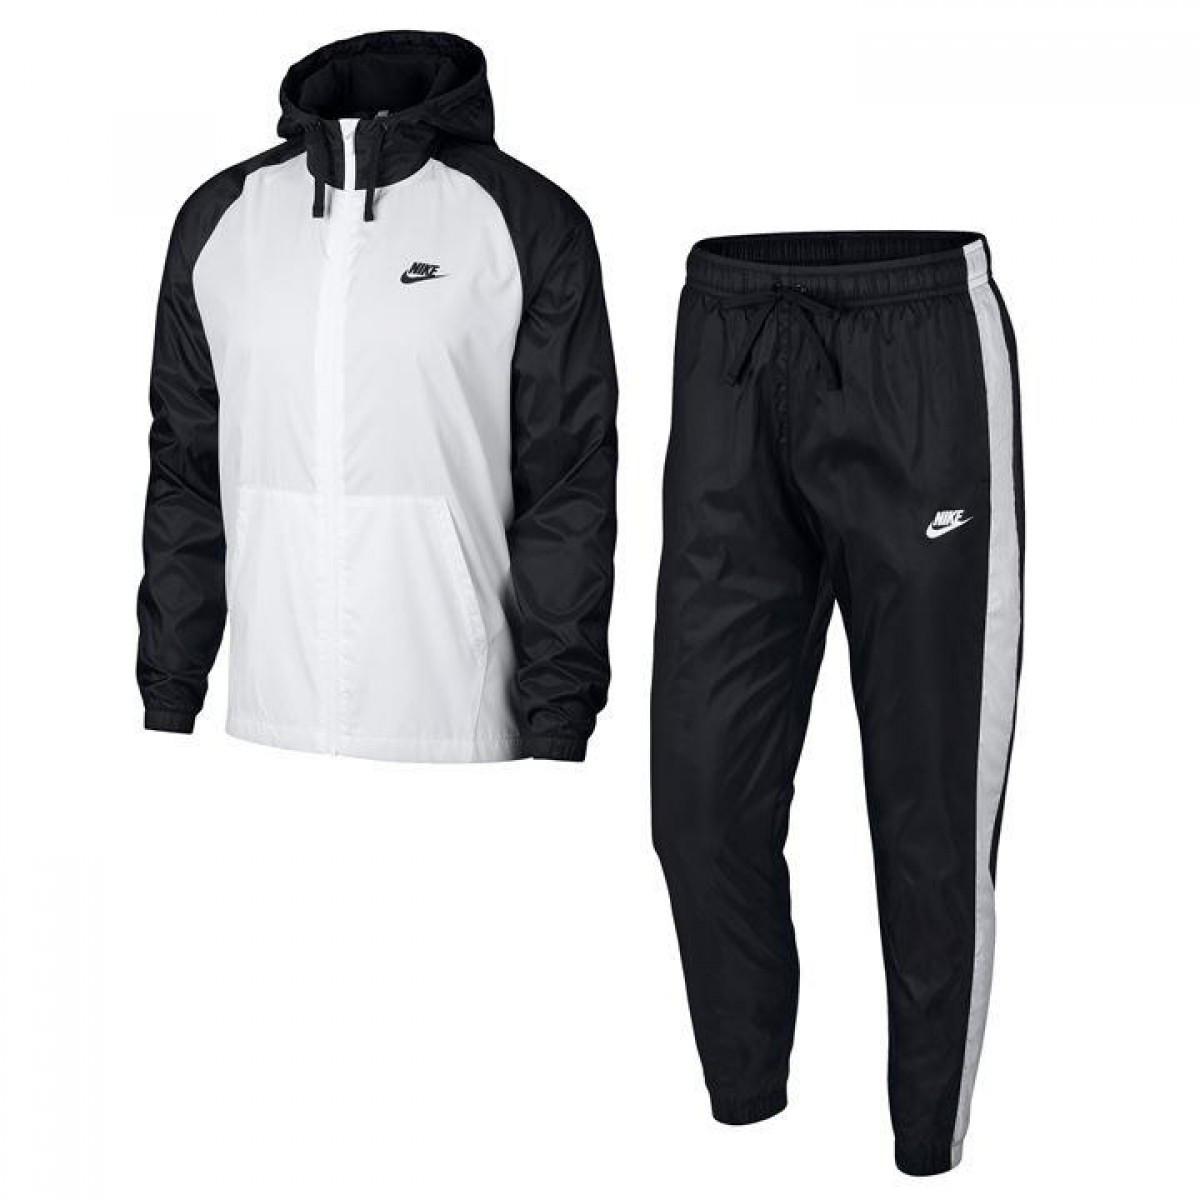 Спортивный костюм Nike NSW Wov T Suit Sn83 Black White - Оригинал - FAIR - c772987775f